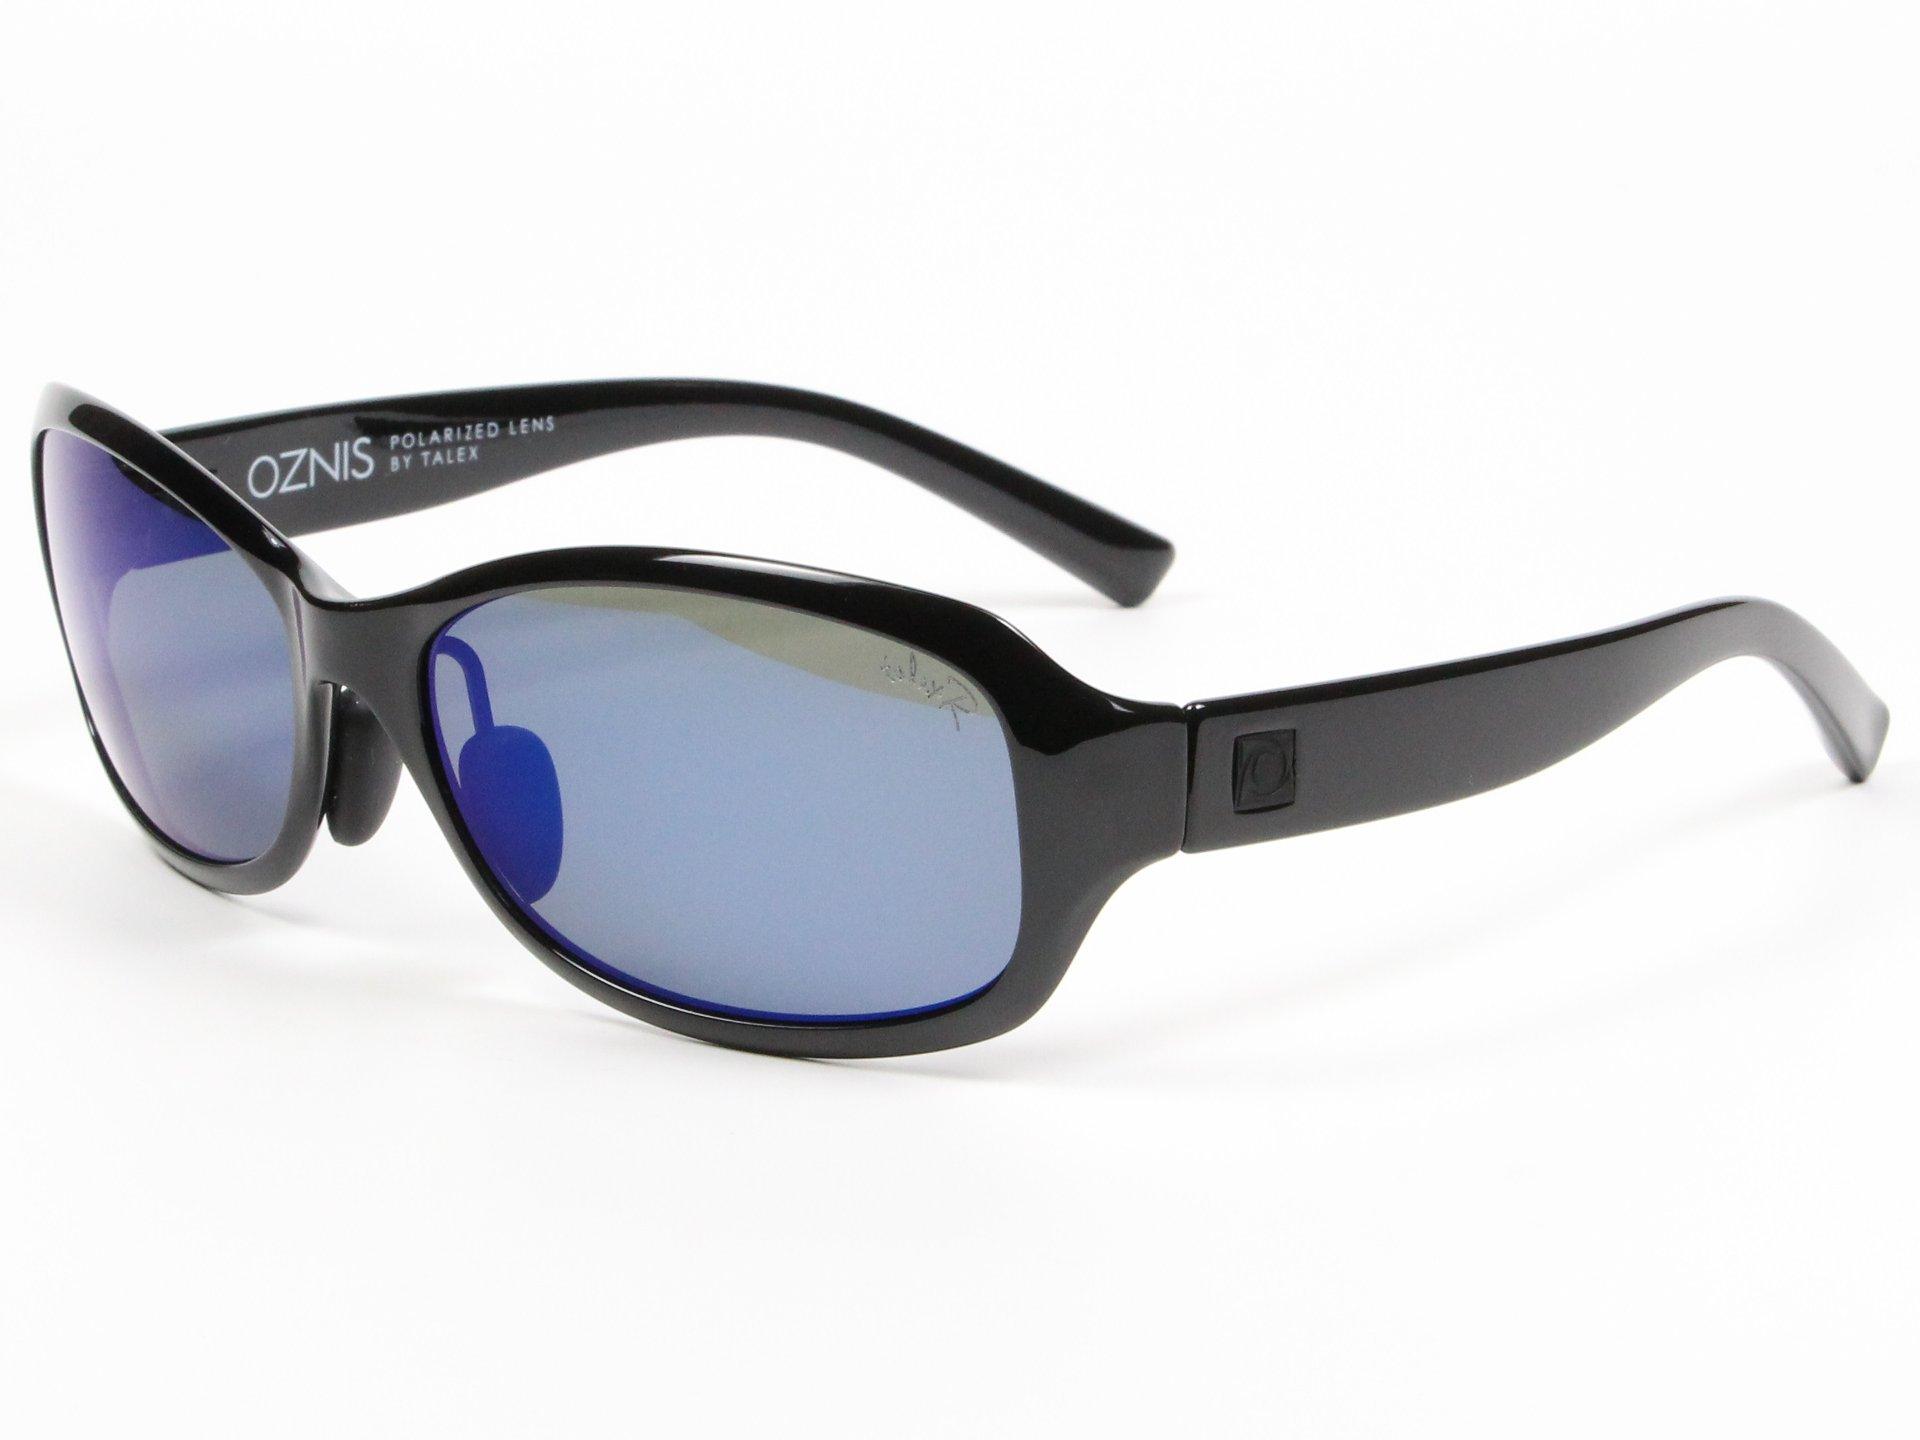 TALEX(タレックス)度なしサングラス製作例 OZNIS FLAT01(オズニス・フラット01)